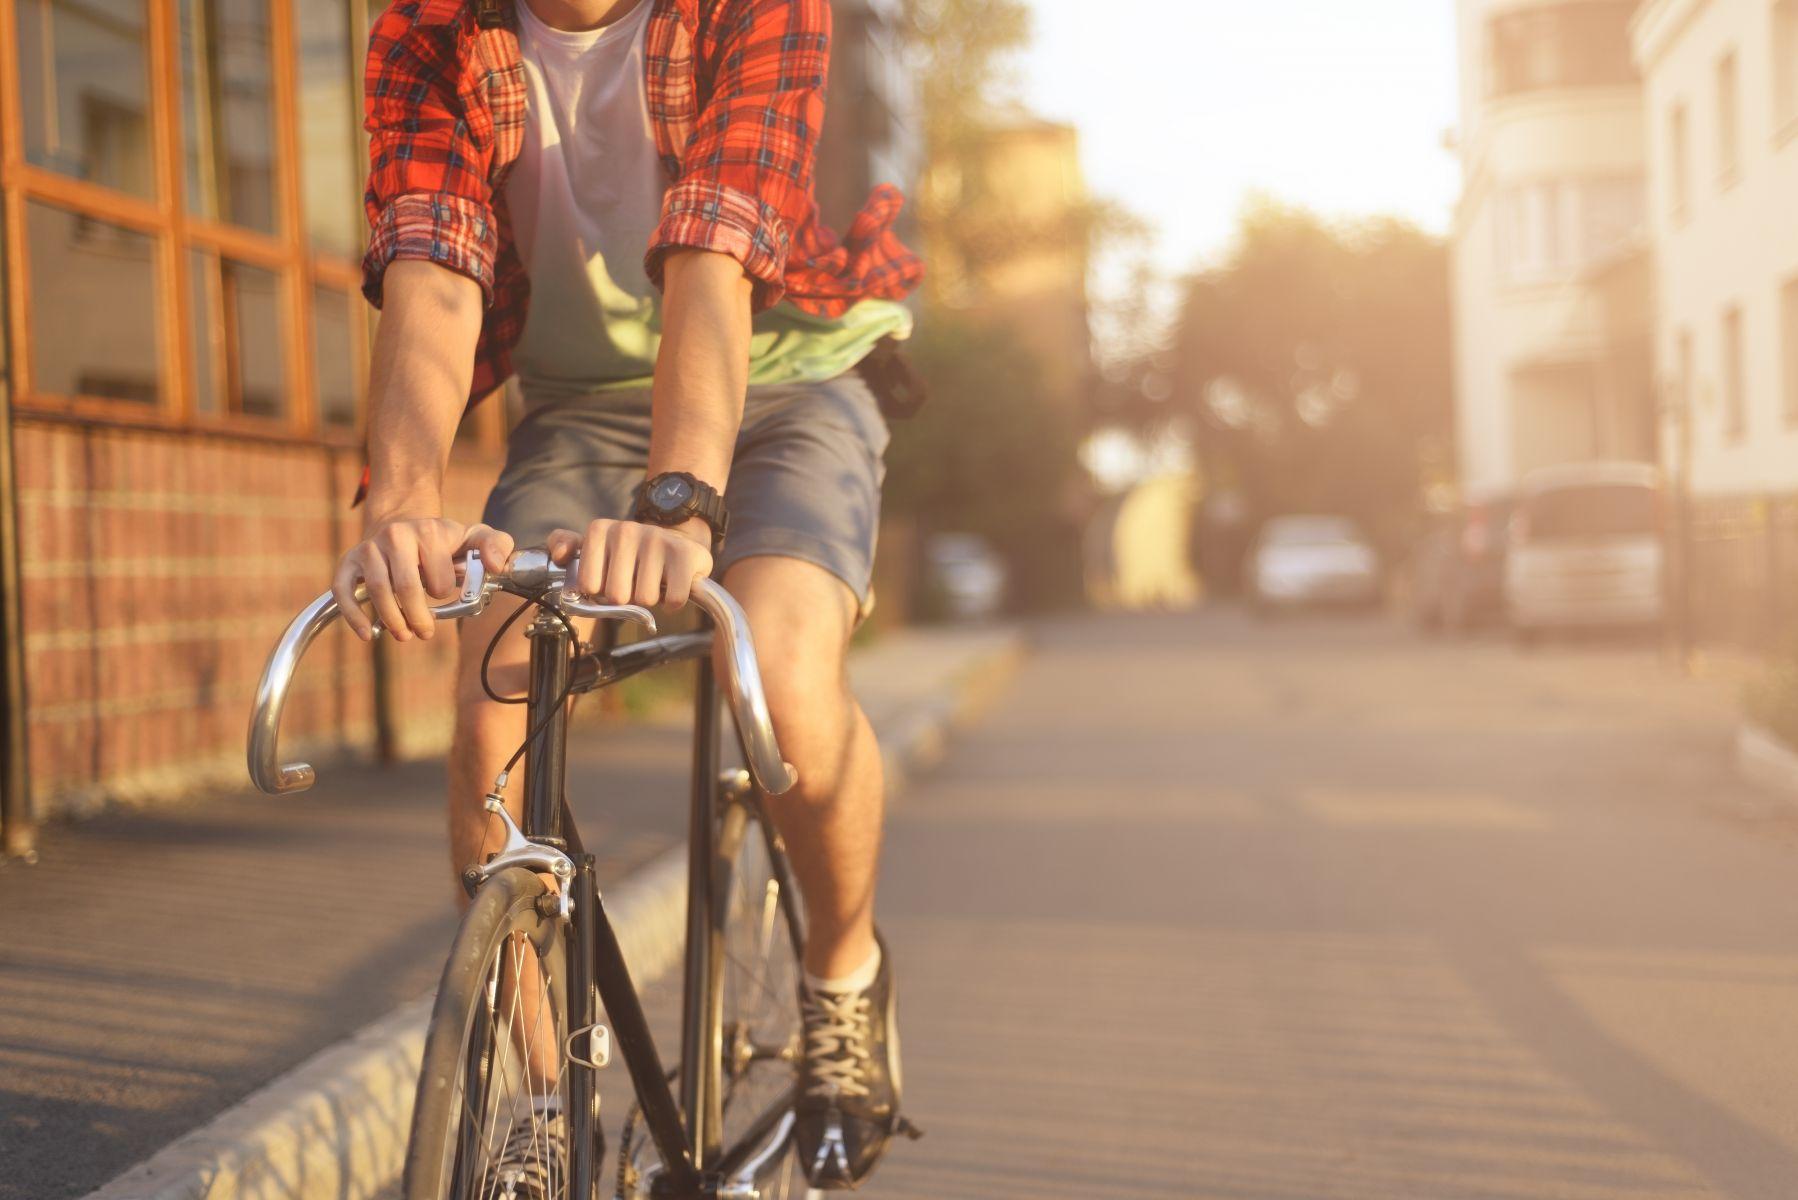 在台灣騎自行車很危險?在台日人:不敢推薦給日本騎士